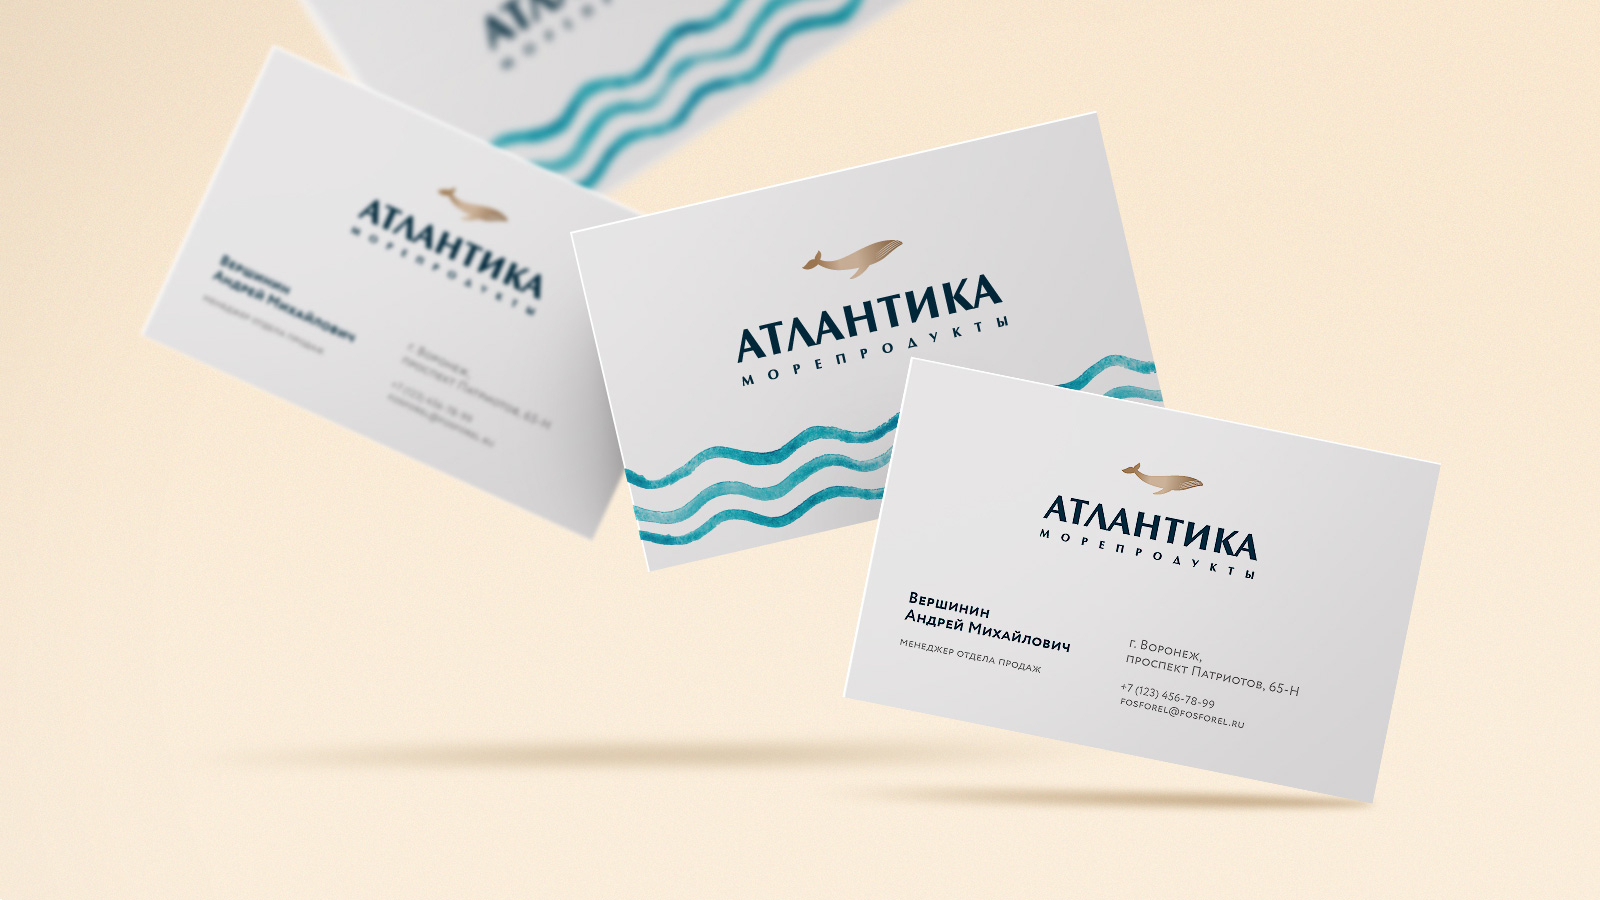 Дизайн логотипа с золотым китом и фирменный стиль одинаково эффективно работают на всех носителя от визиток и деловой документации до упаковок и рекламных щитов